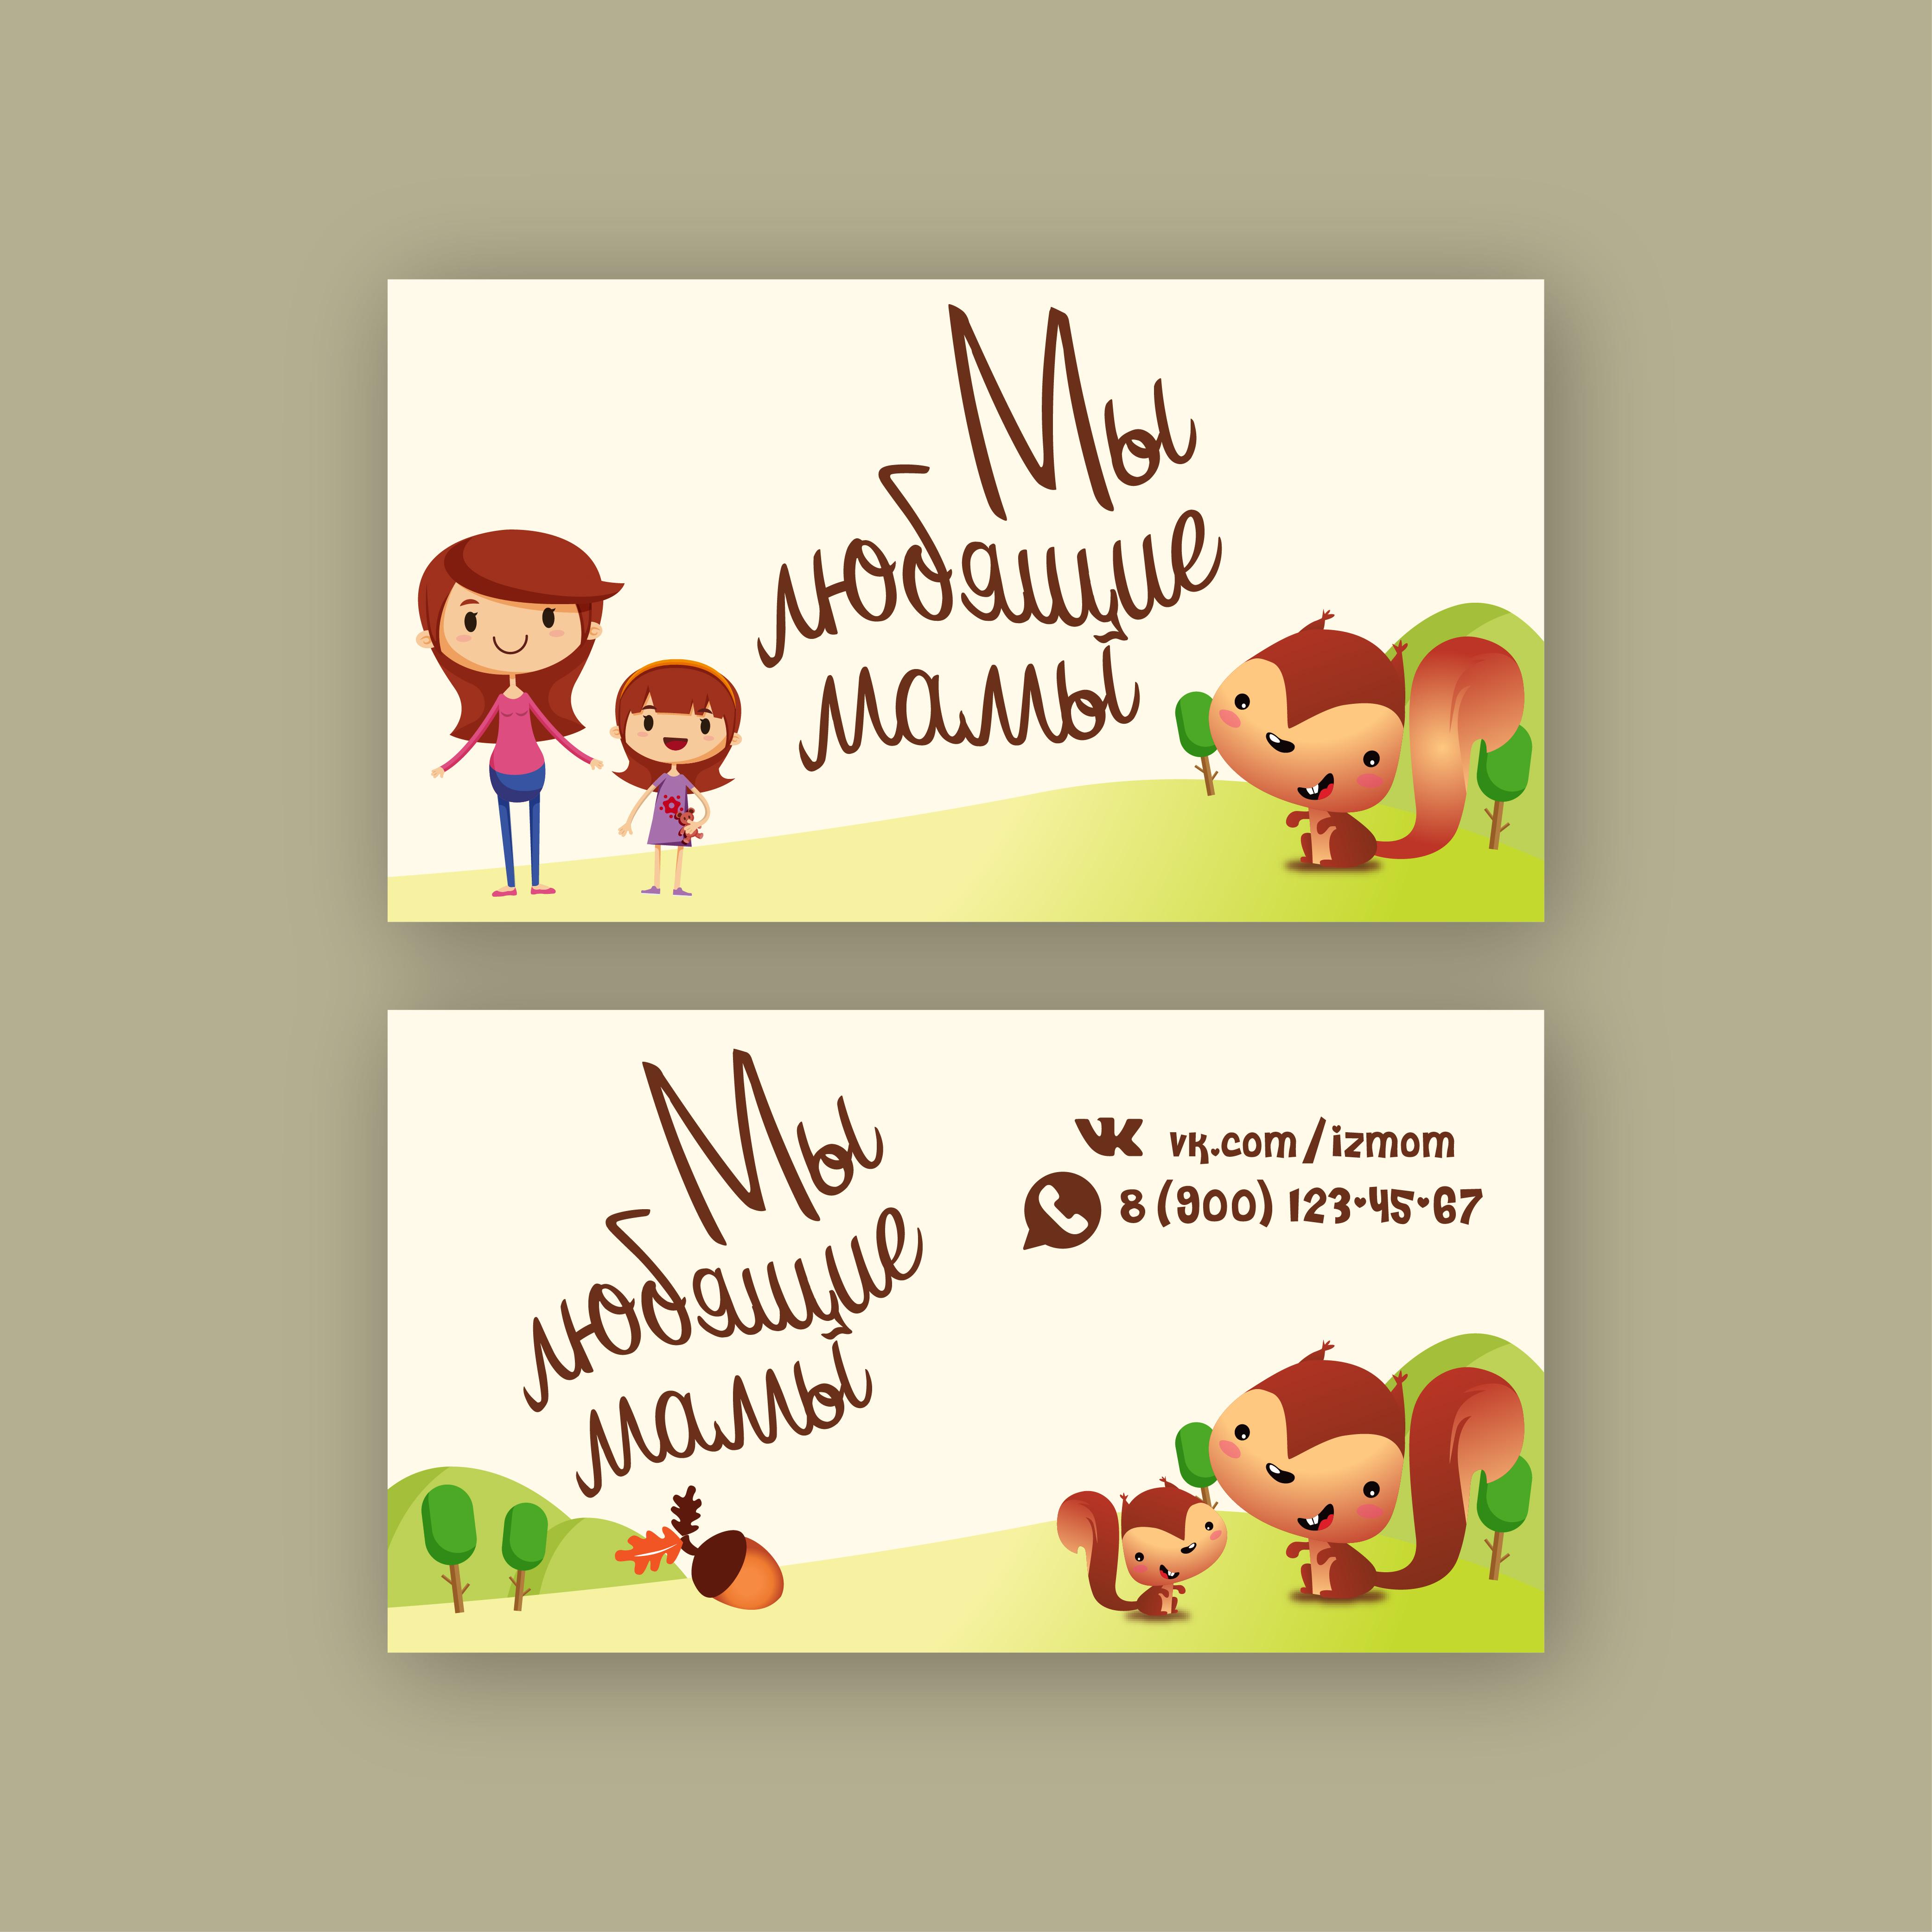 Конкурс на создание макета визиток сообщества мам (белочки). фото f_33659b1c46e6ba28.jpg